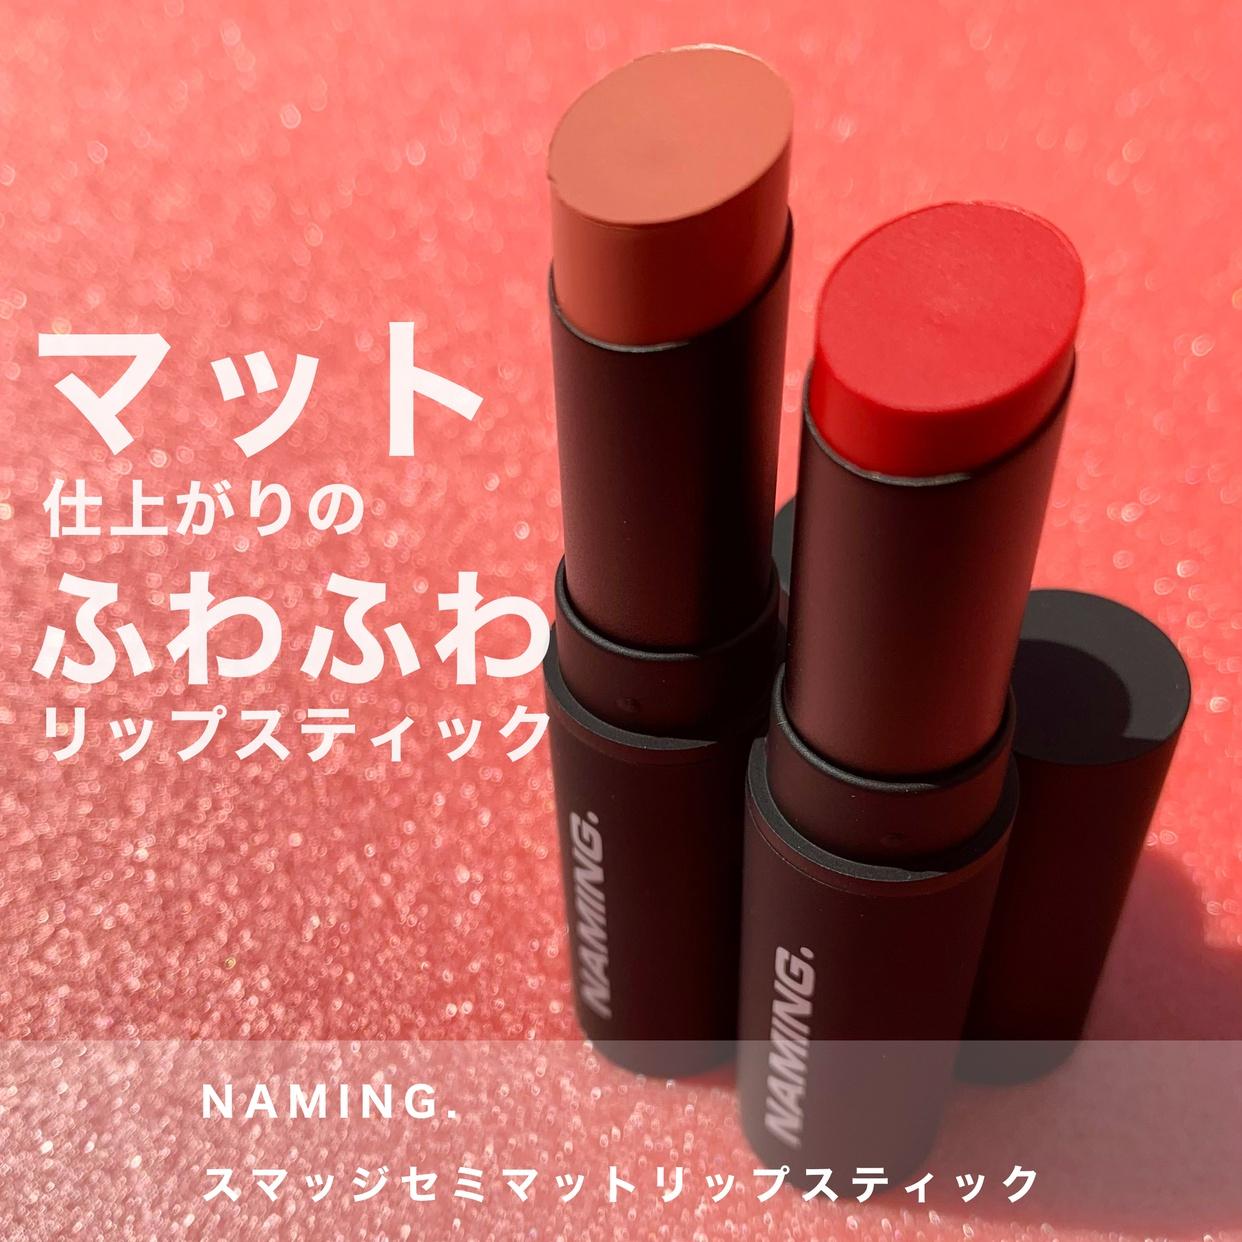 NAMING.(ネーミング)スムージーセミマットリップスティックを使ったKeiさんのクチコミ画像